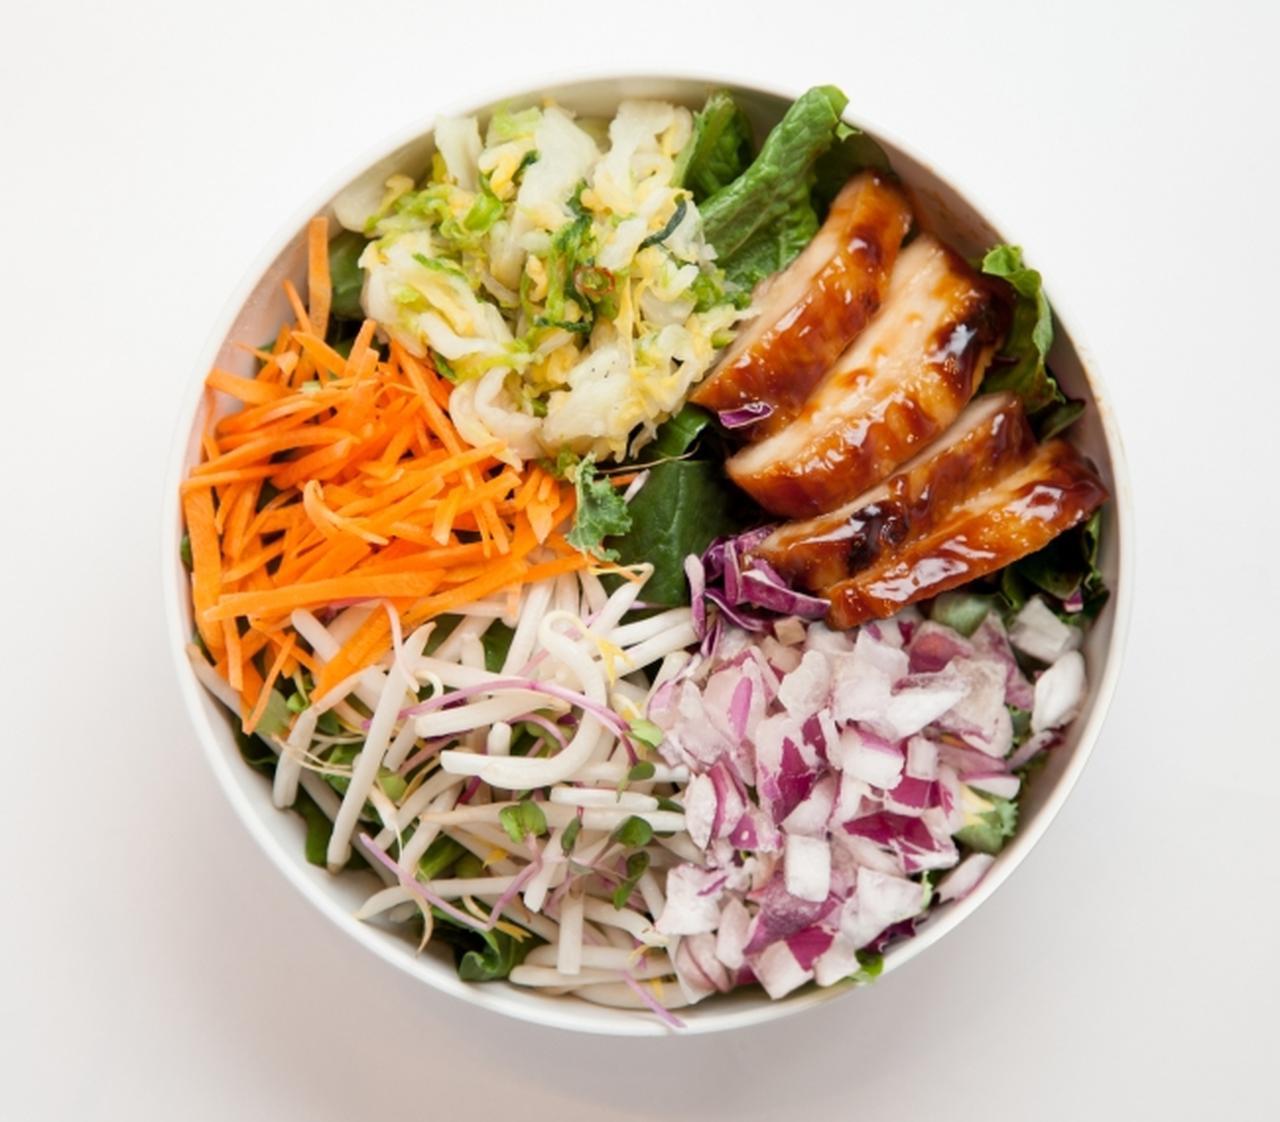 画像: TERIYAKI.jp(テリヤキドットジェーピー) 1,020円(税別) 白菜の浅漬けや照り焼きチキンなど和の具材をちりばめた一皿。香ばしいガーリック味噌ジンジャードレッシングが味の決め手。